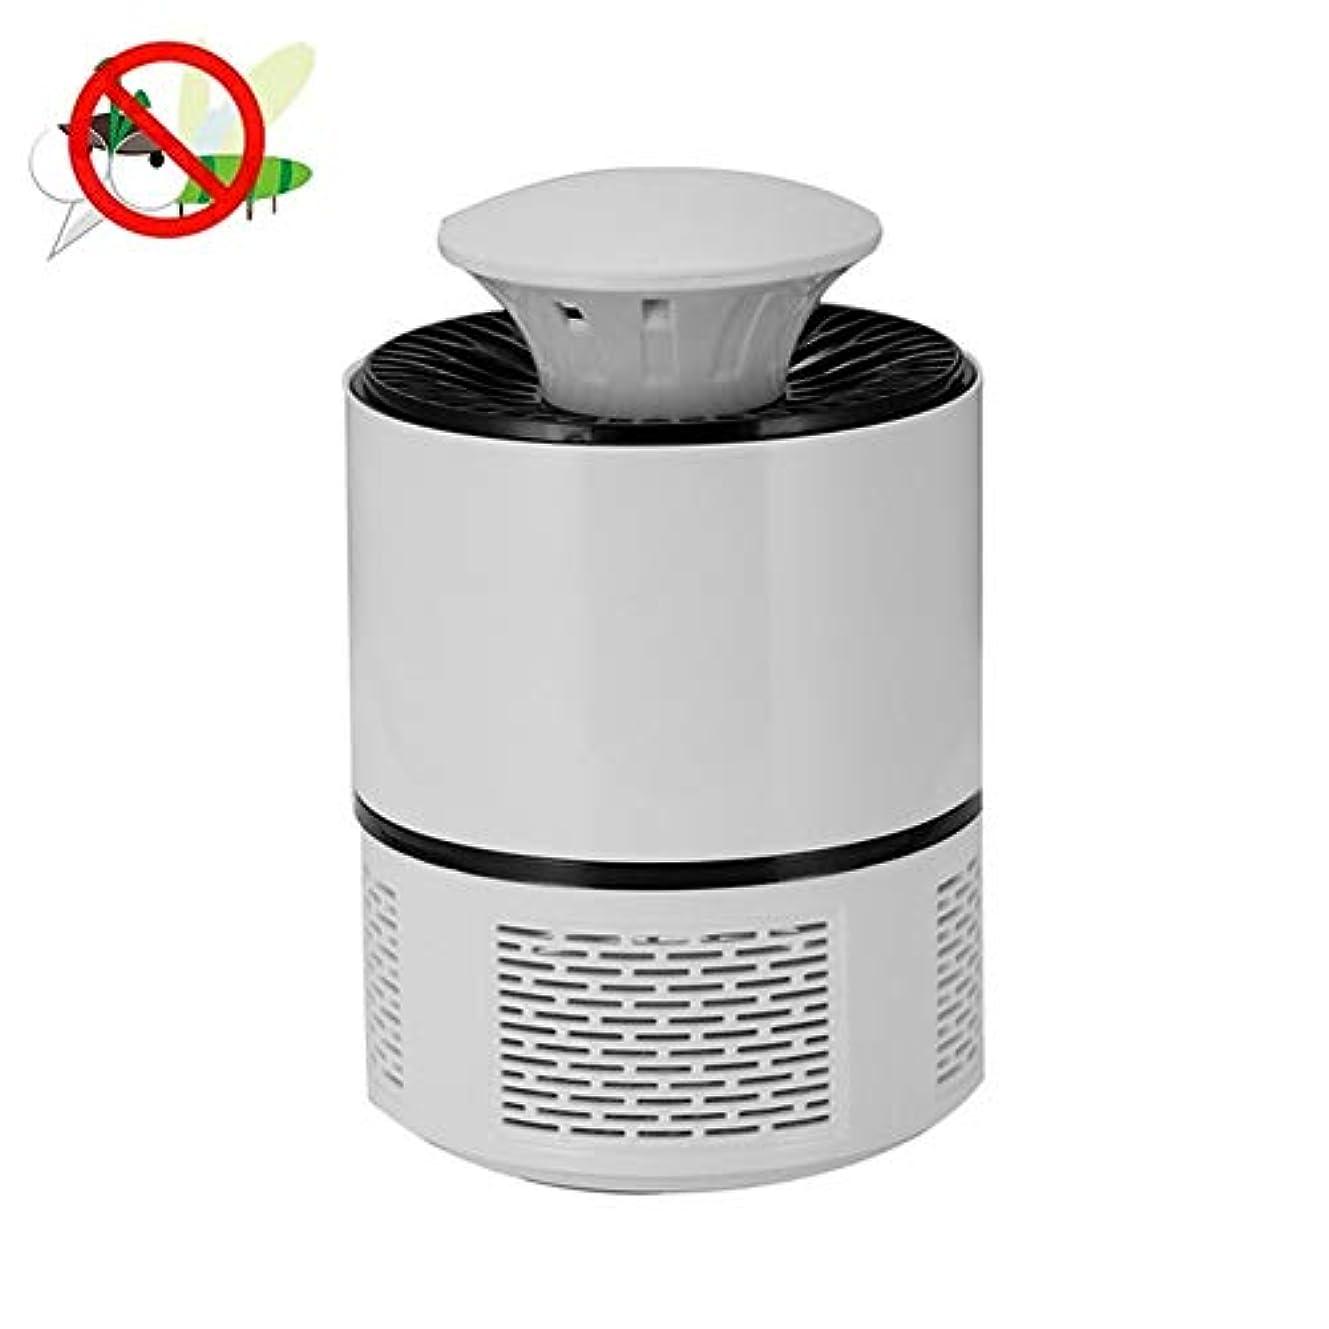 ダブル注ぎますしおれた蚊取り器屋内電気蚊キラーUsbライト電子防蚊トラップは夜の光昆虫のキラーを導きました,White